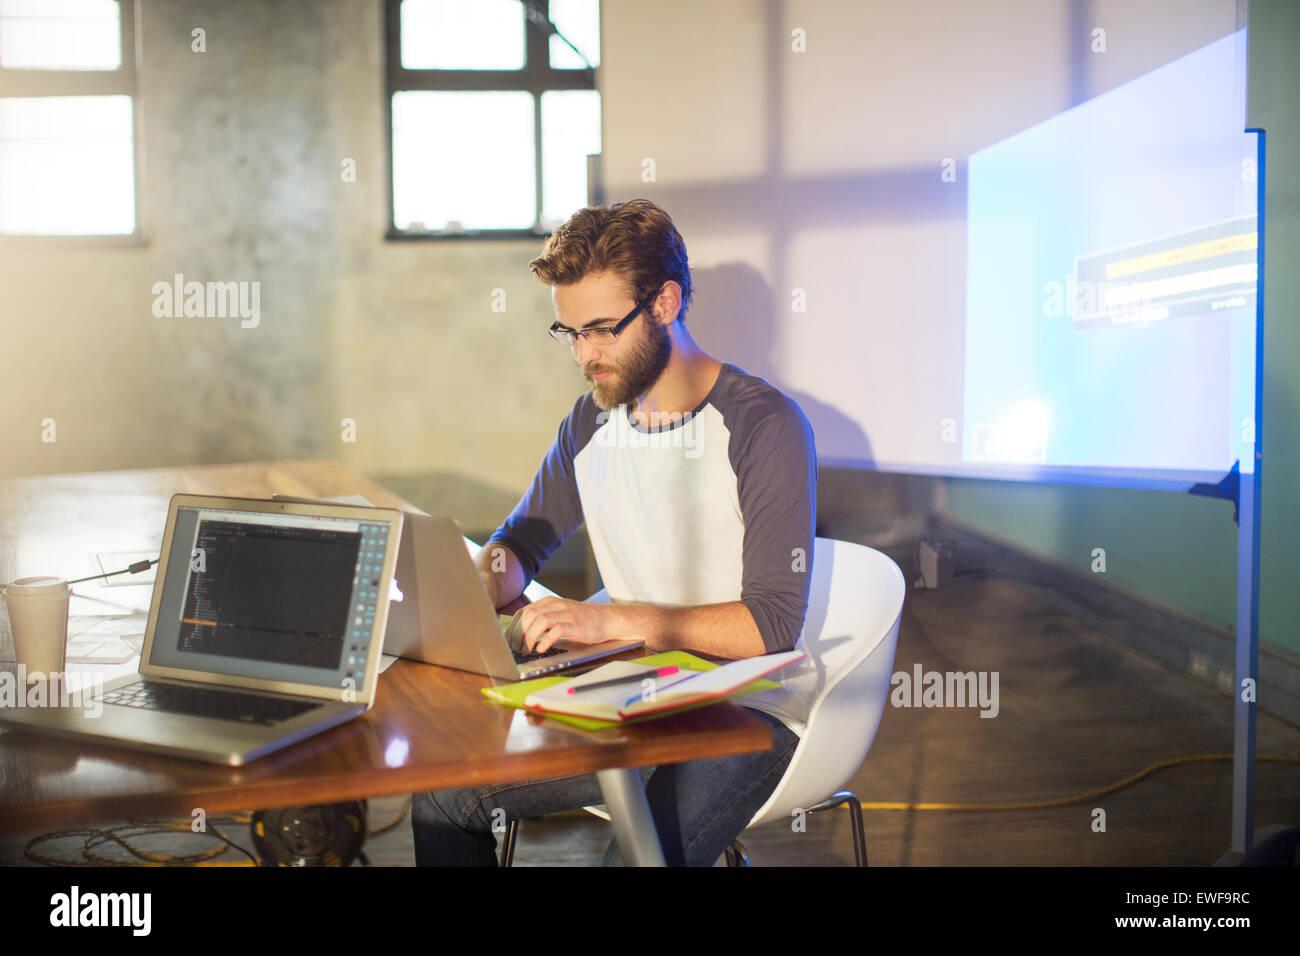 Imprenditore Casual preparazione presentazione audio visiva in office Immagini Stock